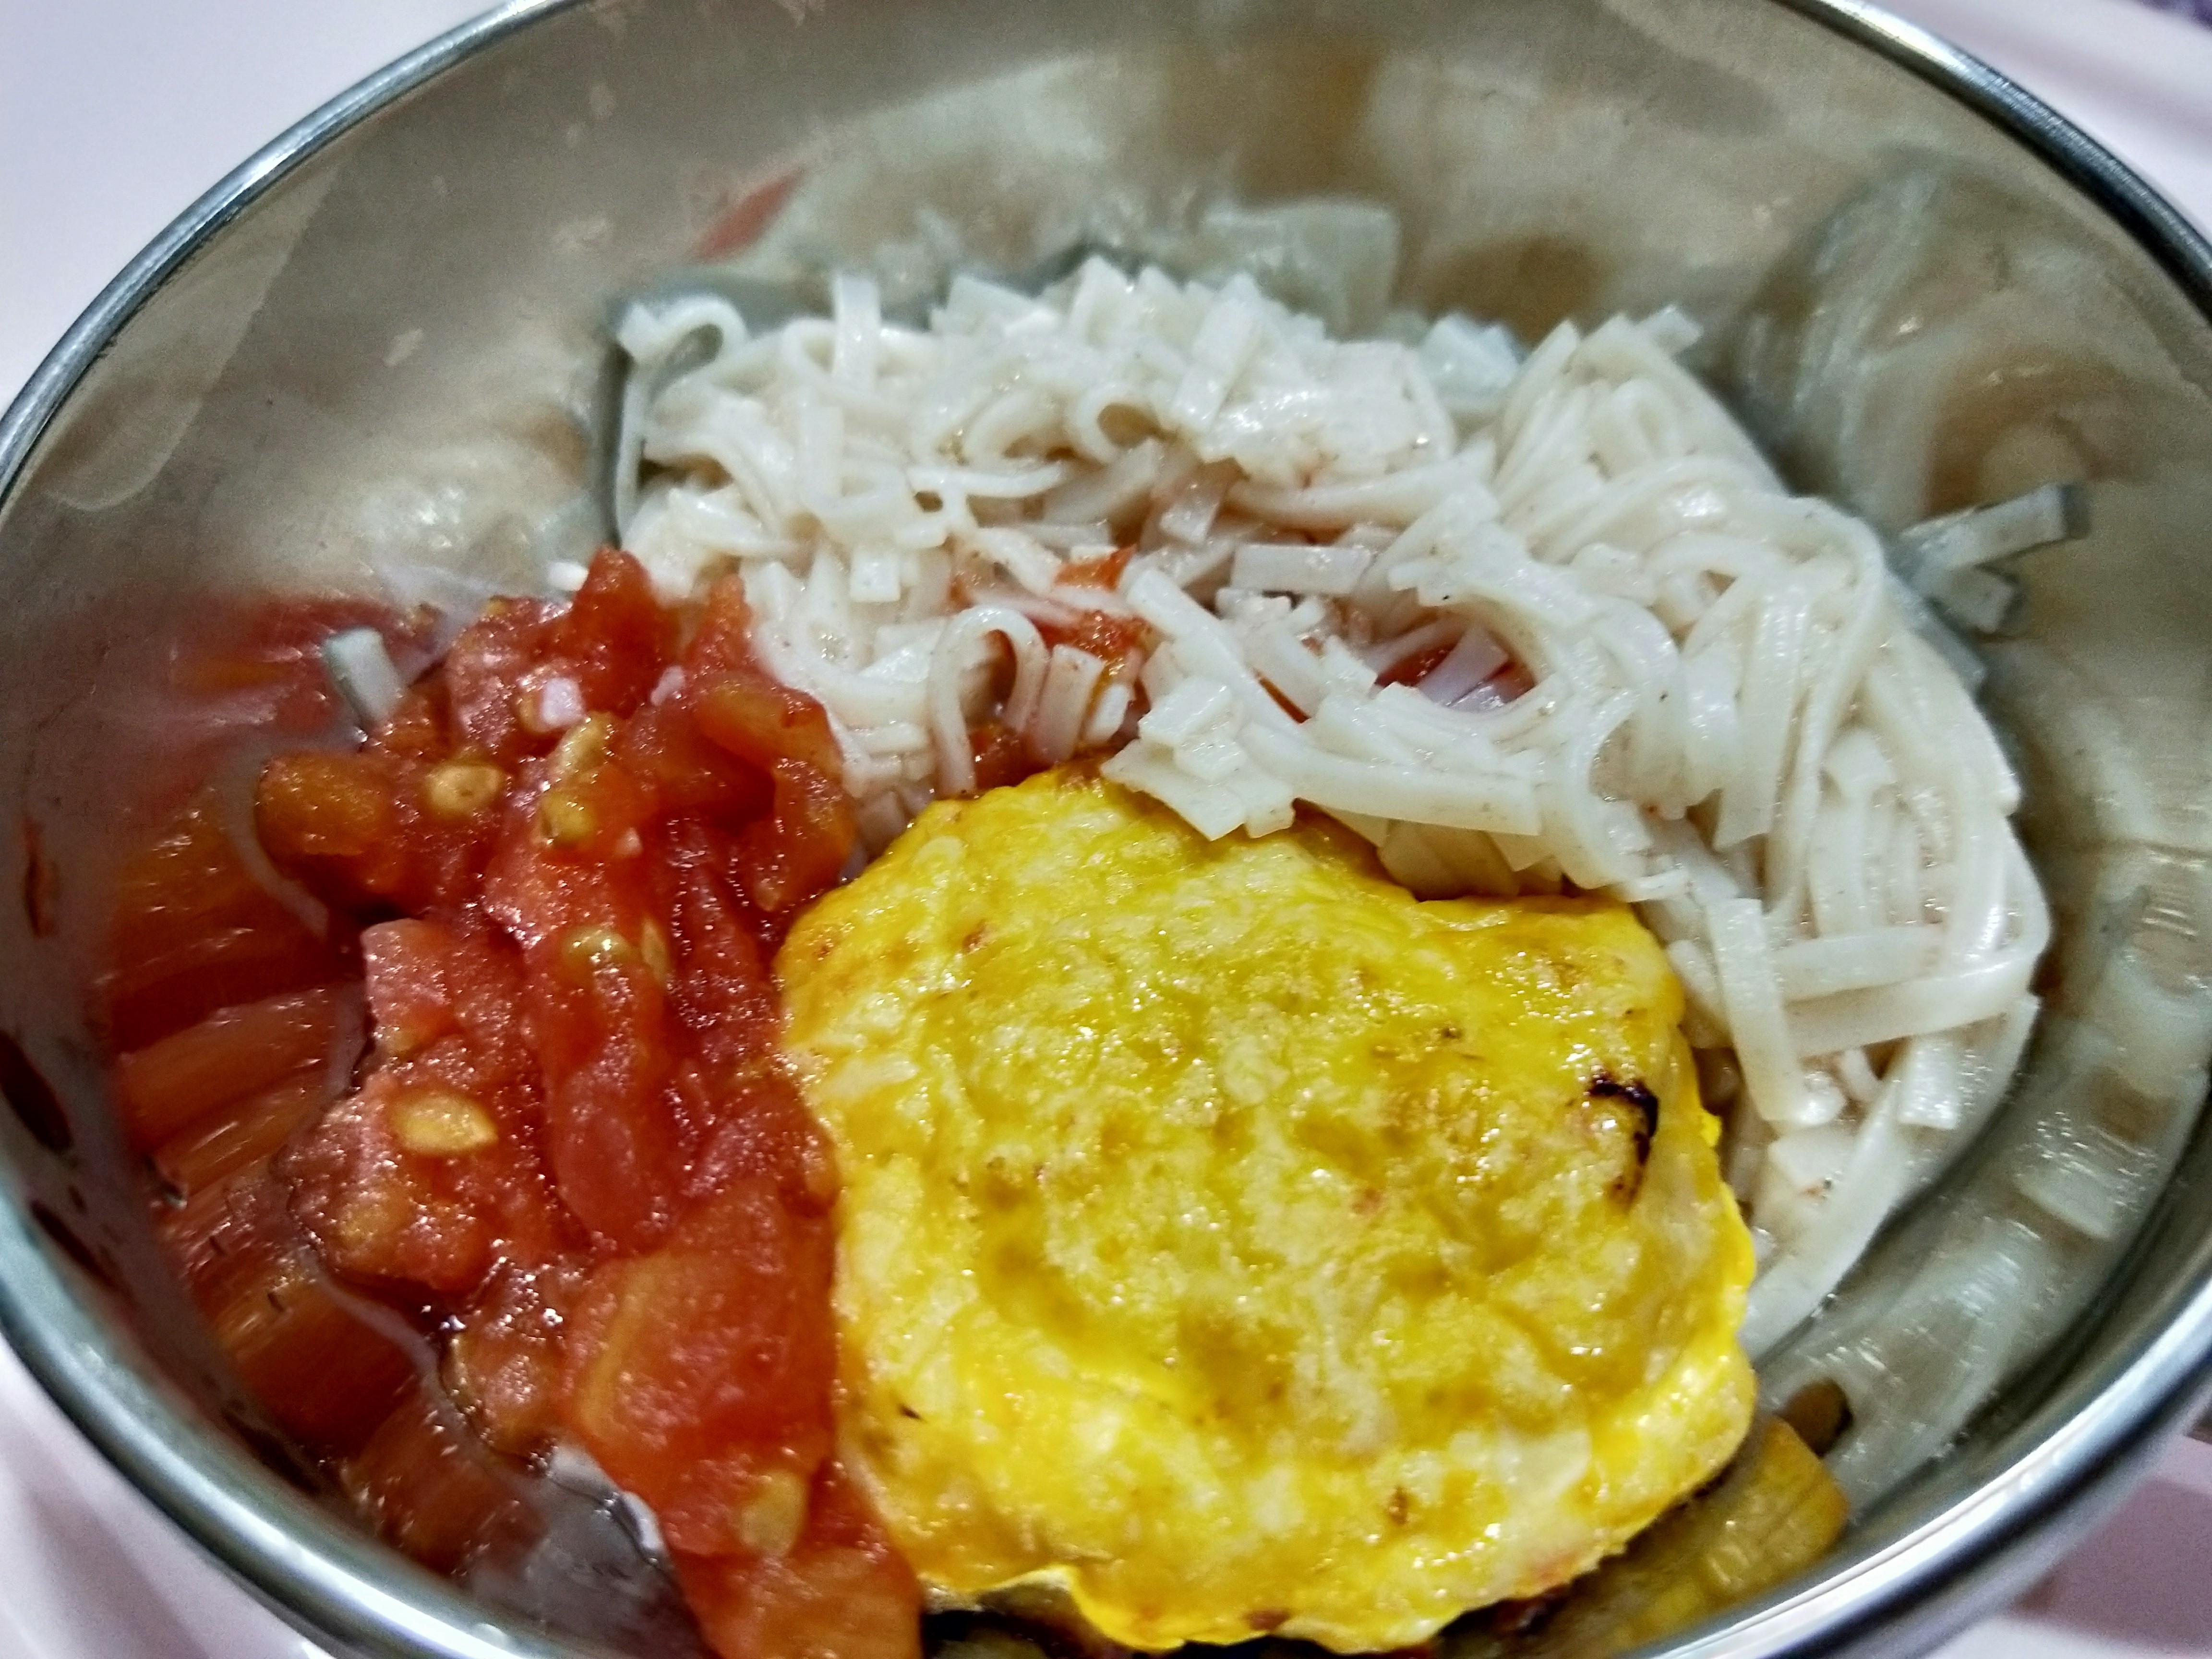 半氣炸鍋副食品-地瓜雞肉煎餅